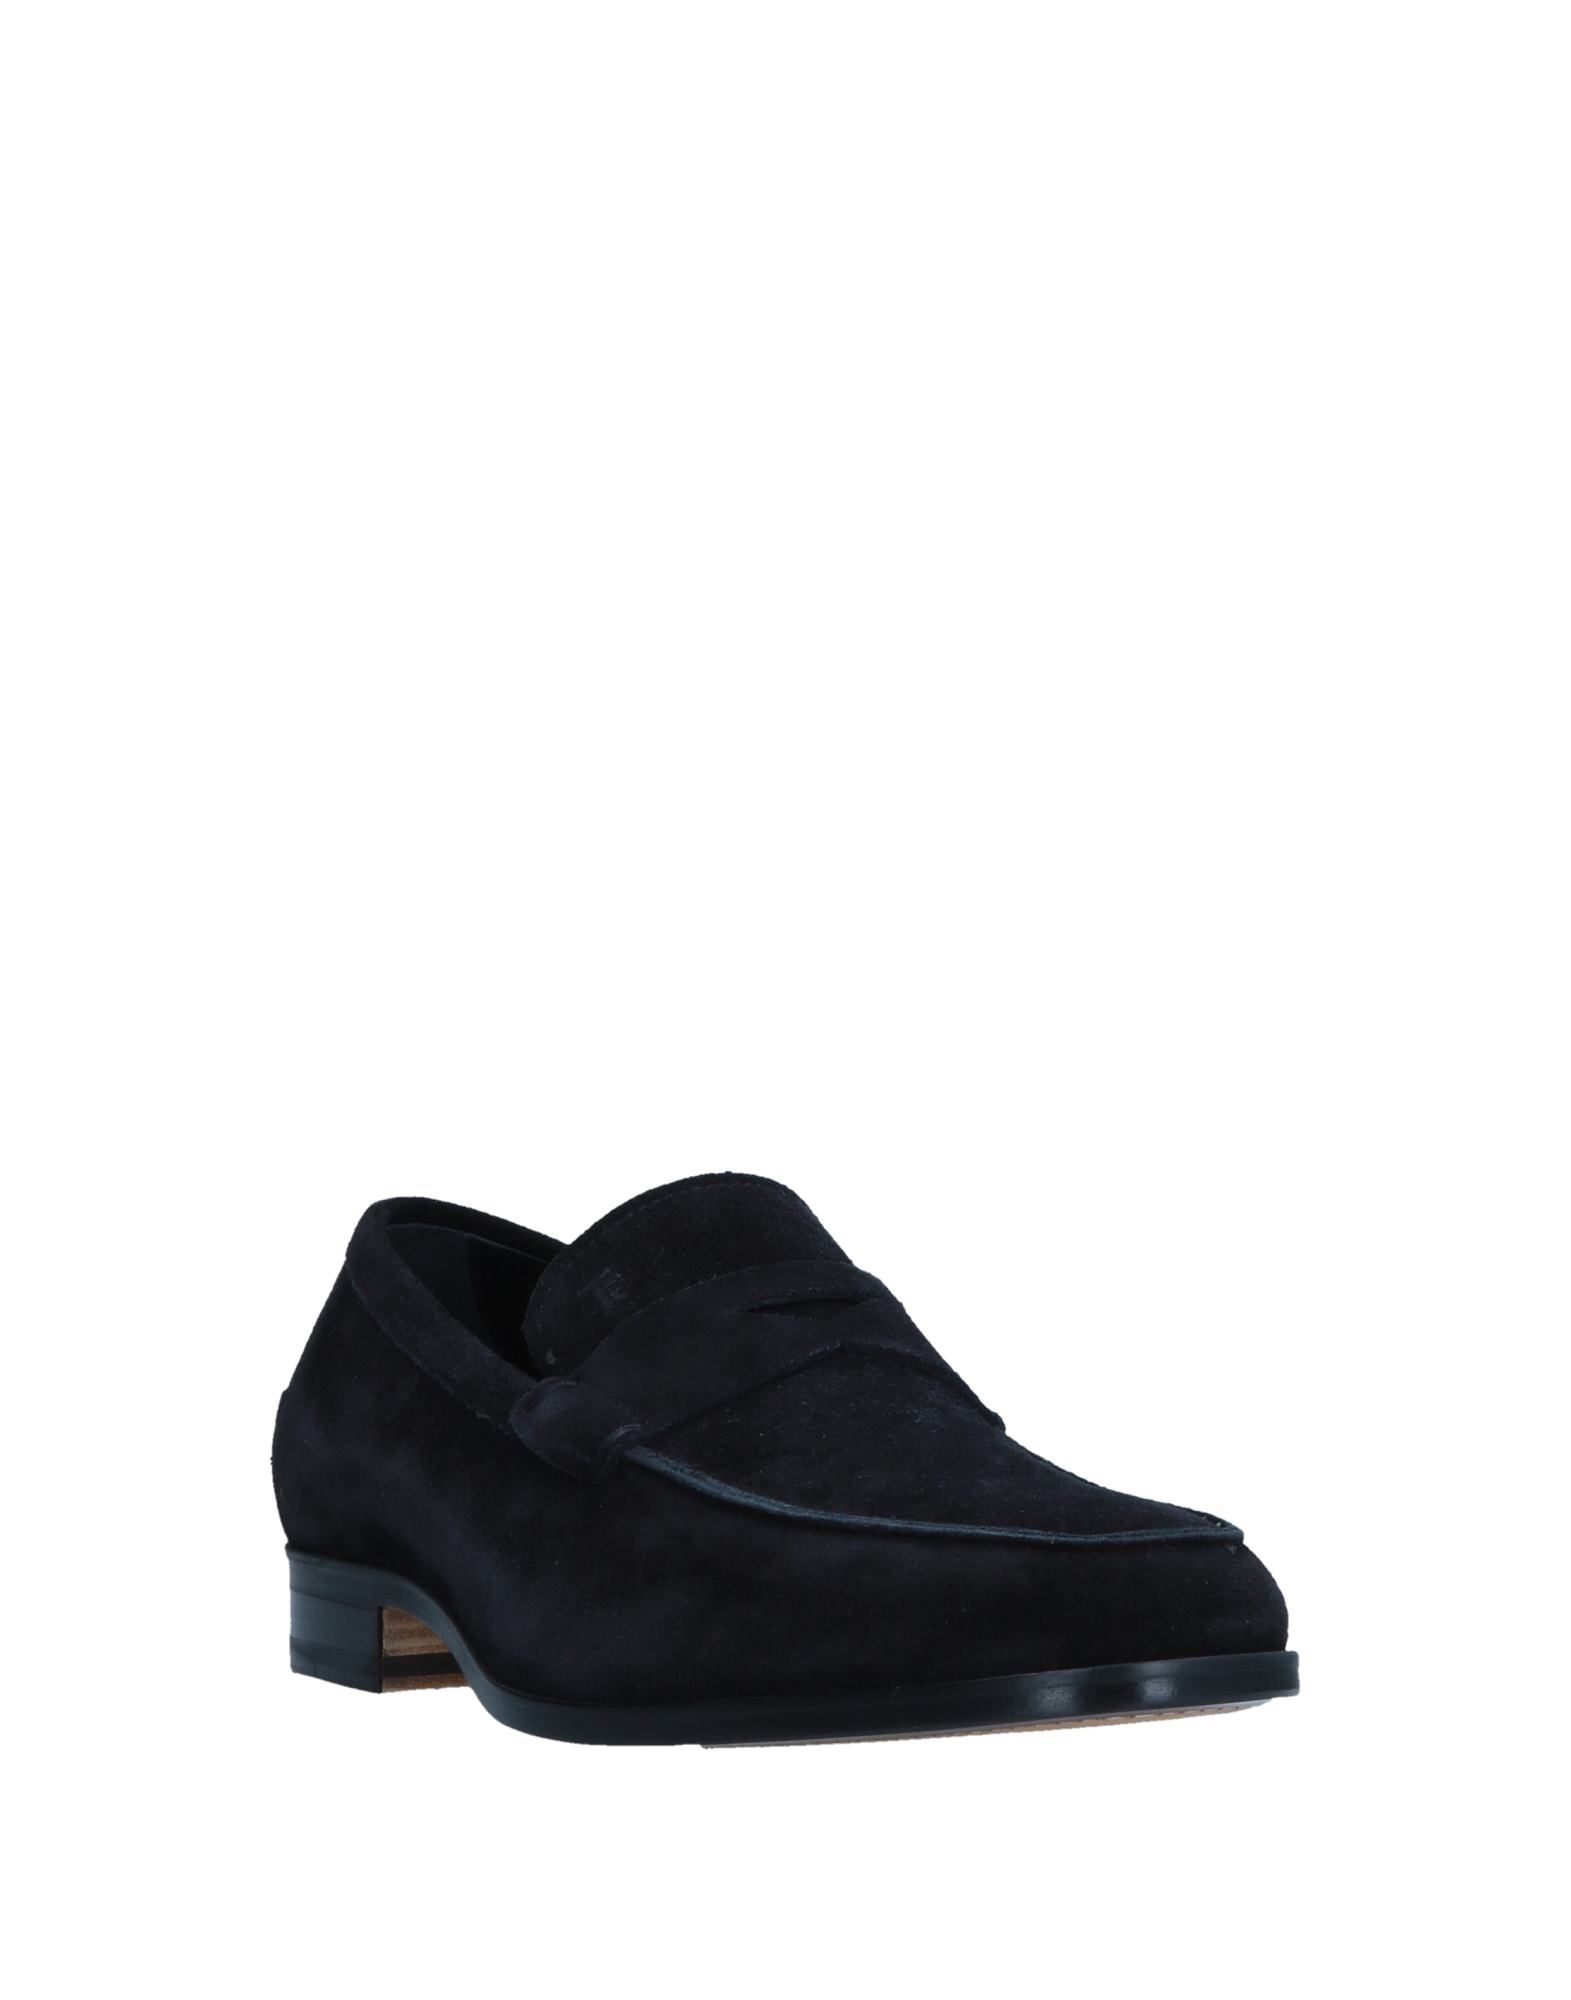 Tod's Mokassins Herren Qualität  11551972UN Gute Qualität Herren beliebte Schuhe 73722c